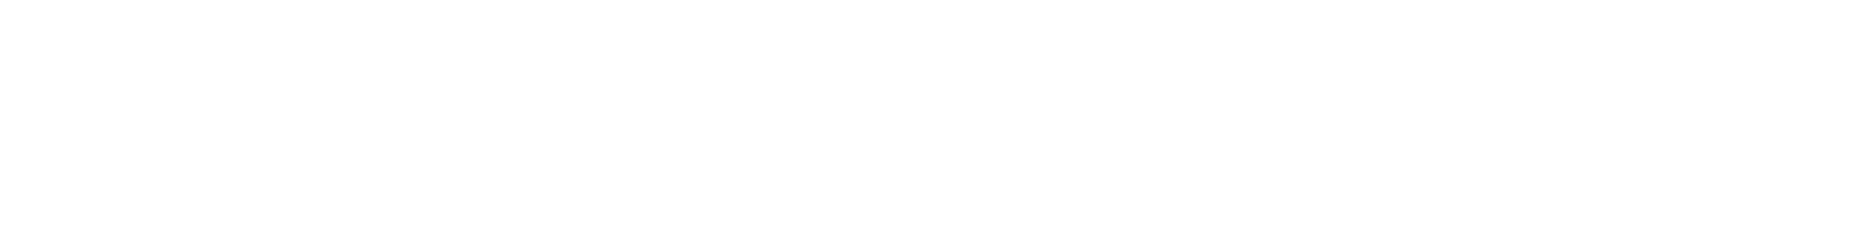 MAXIKraft Gruppe | Kran- und Schwerlastlogistik